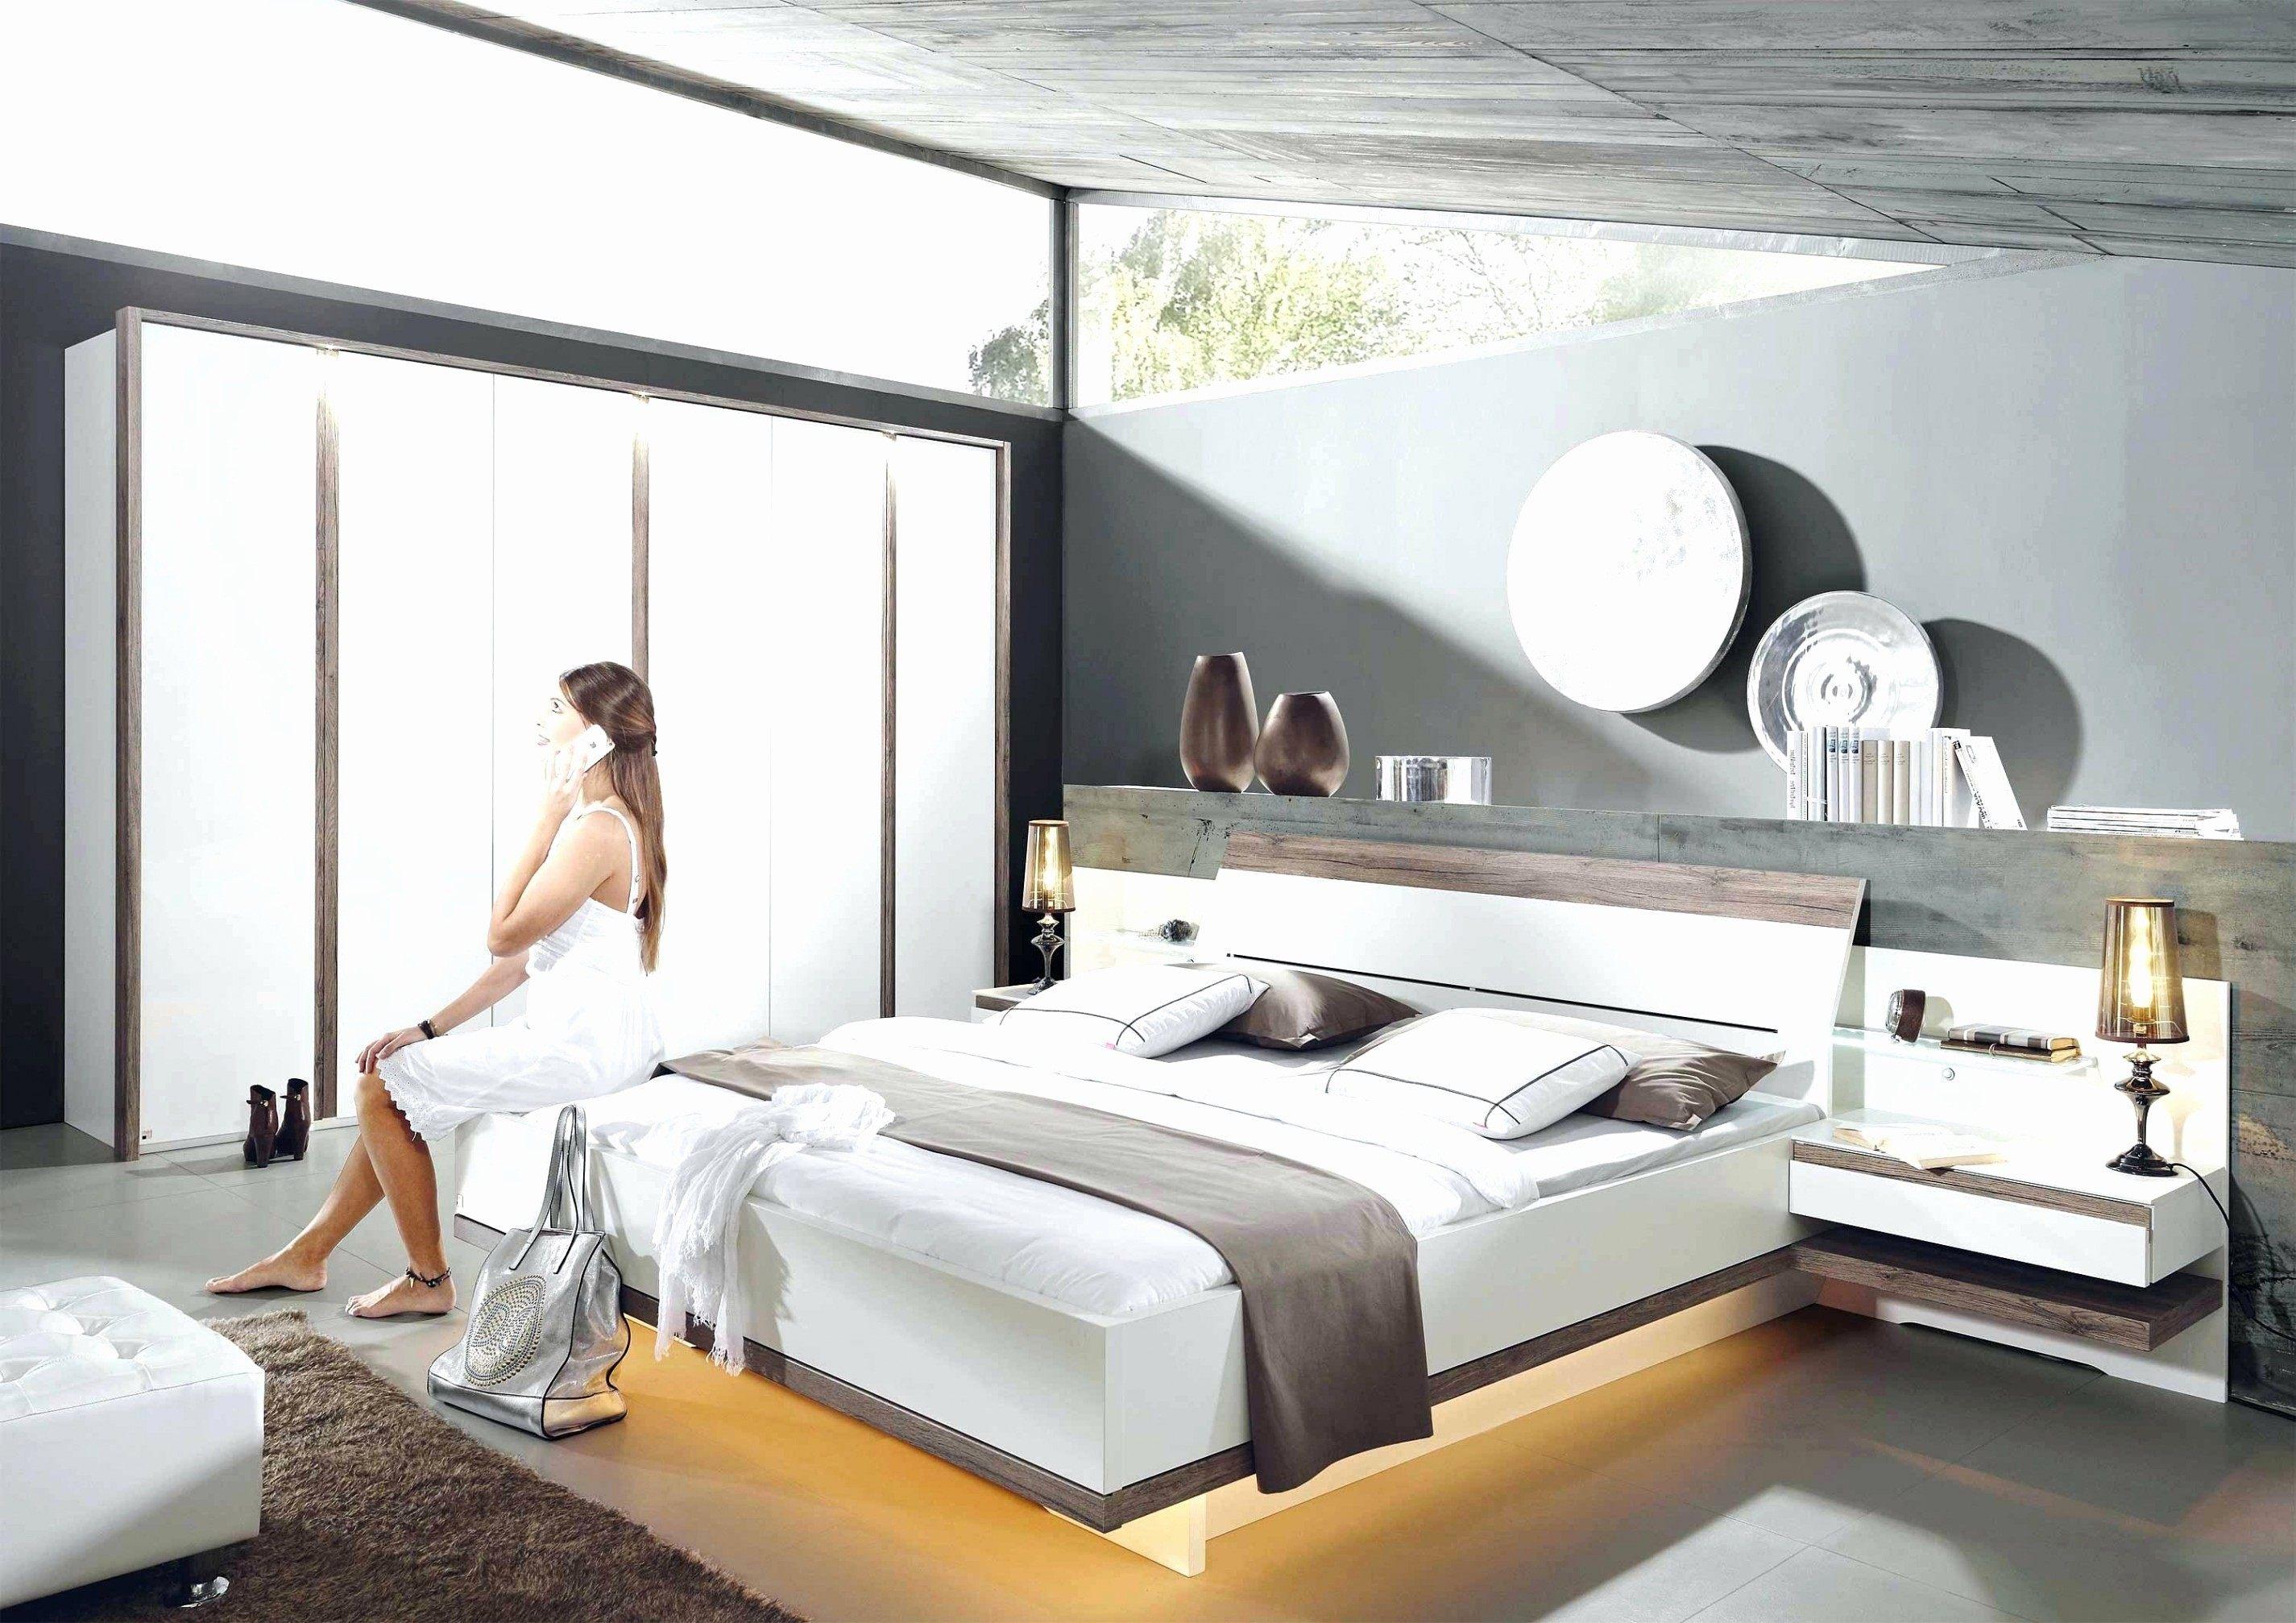 Lit 160×200 Design Génial Lit Design Inspiré Lit 160×200 Unique Schön Lounge Bett 0d Archives